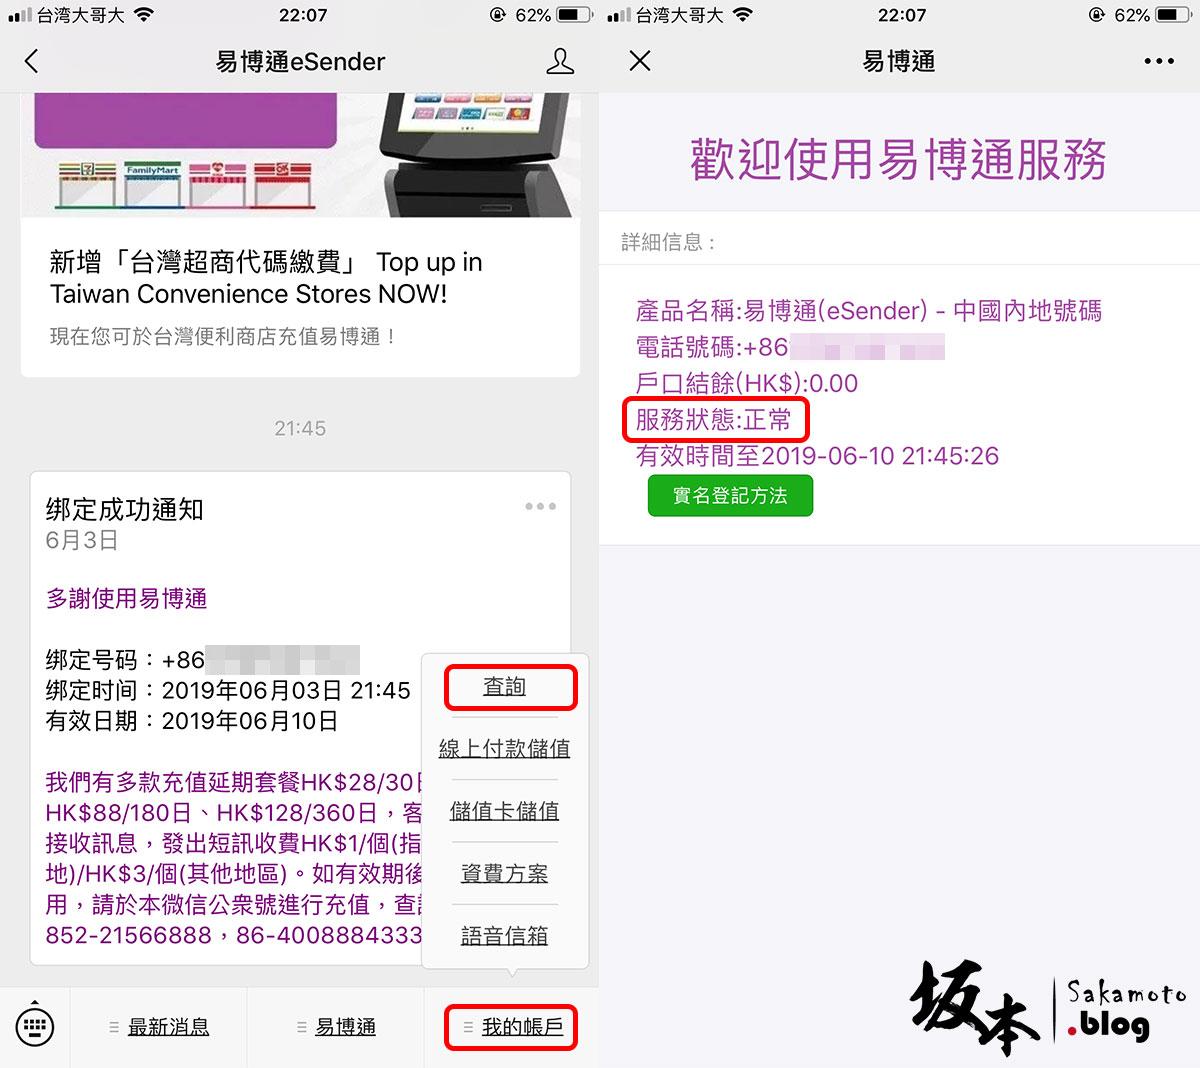 易博通 eSender 申請中國門號免SIM卡 9